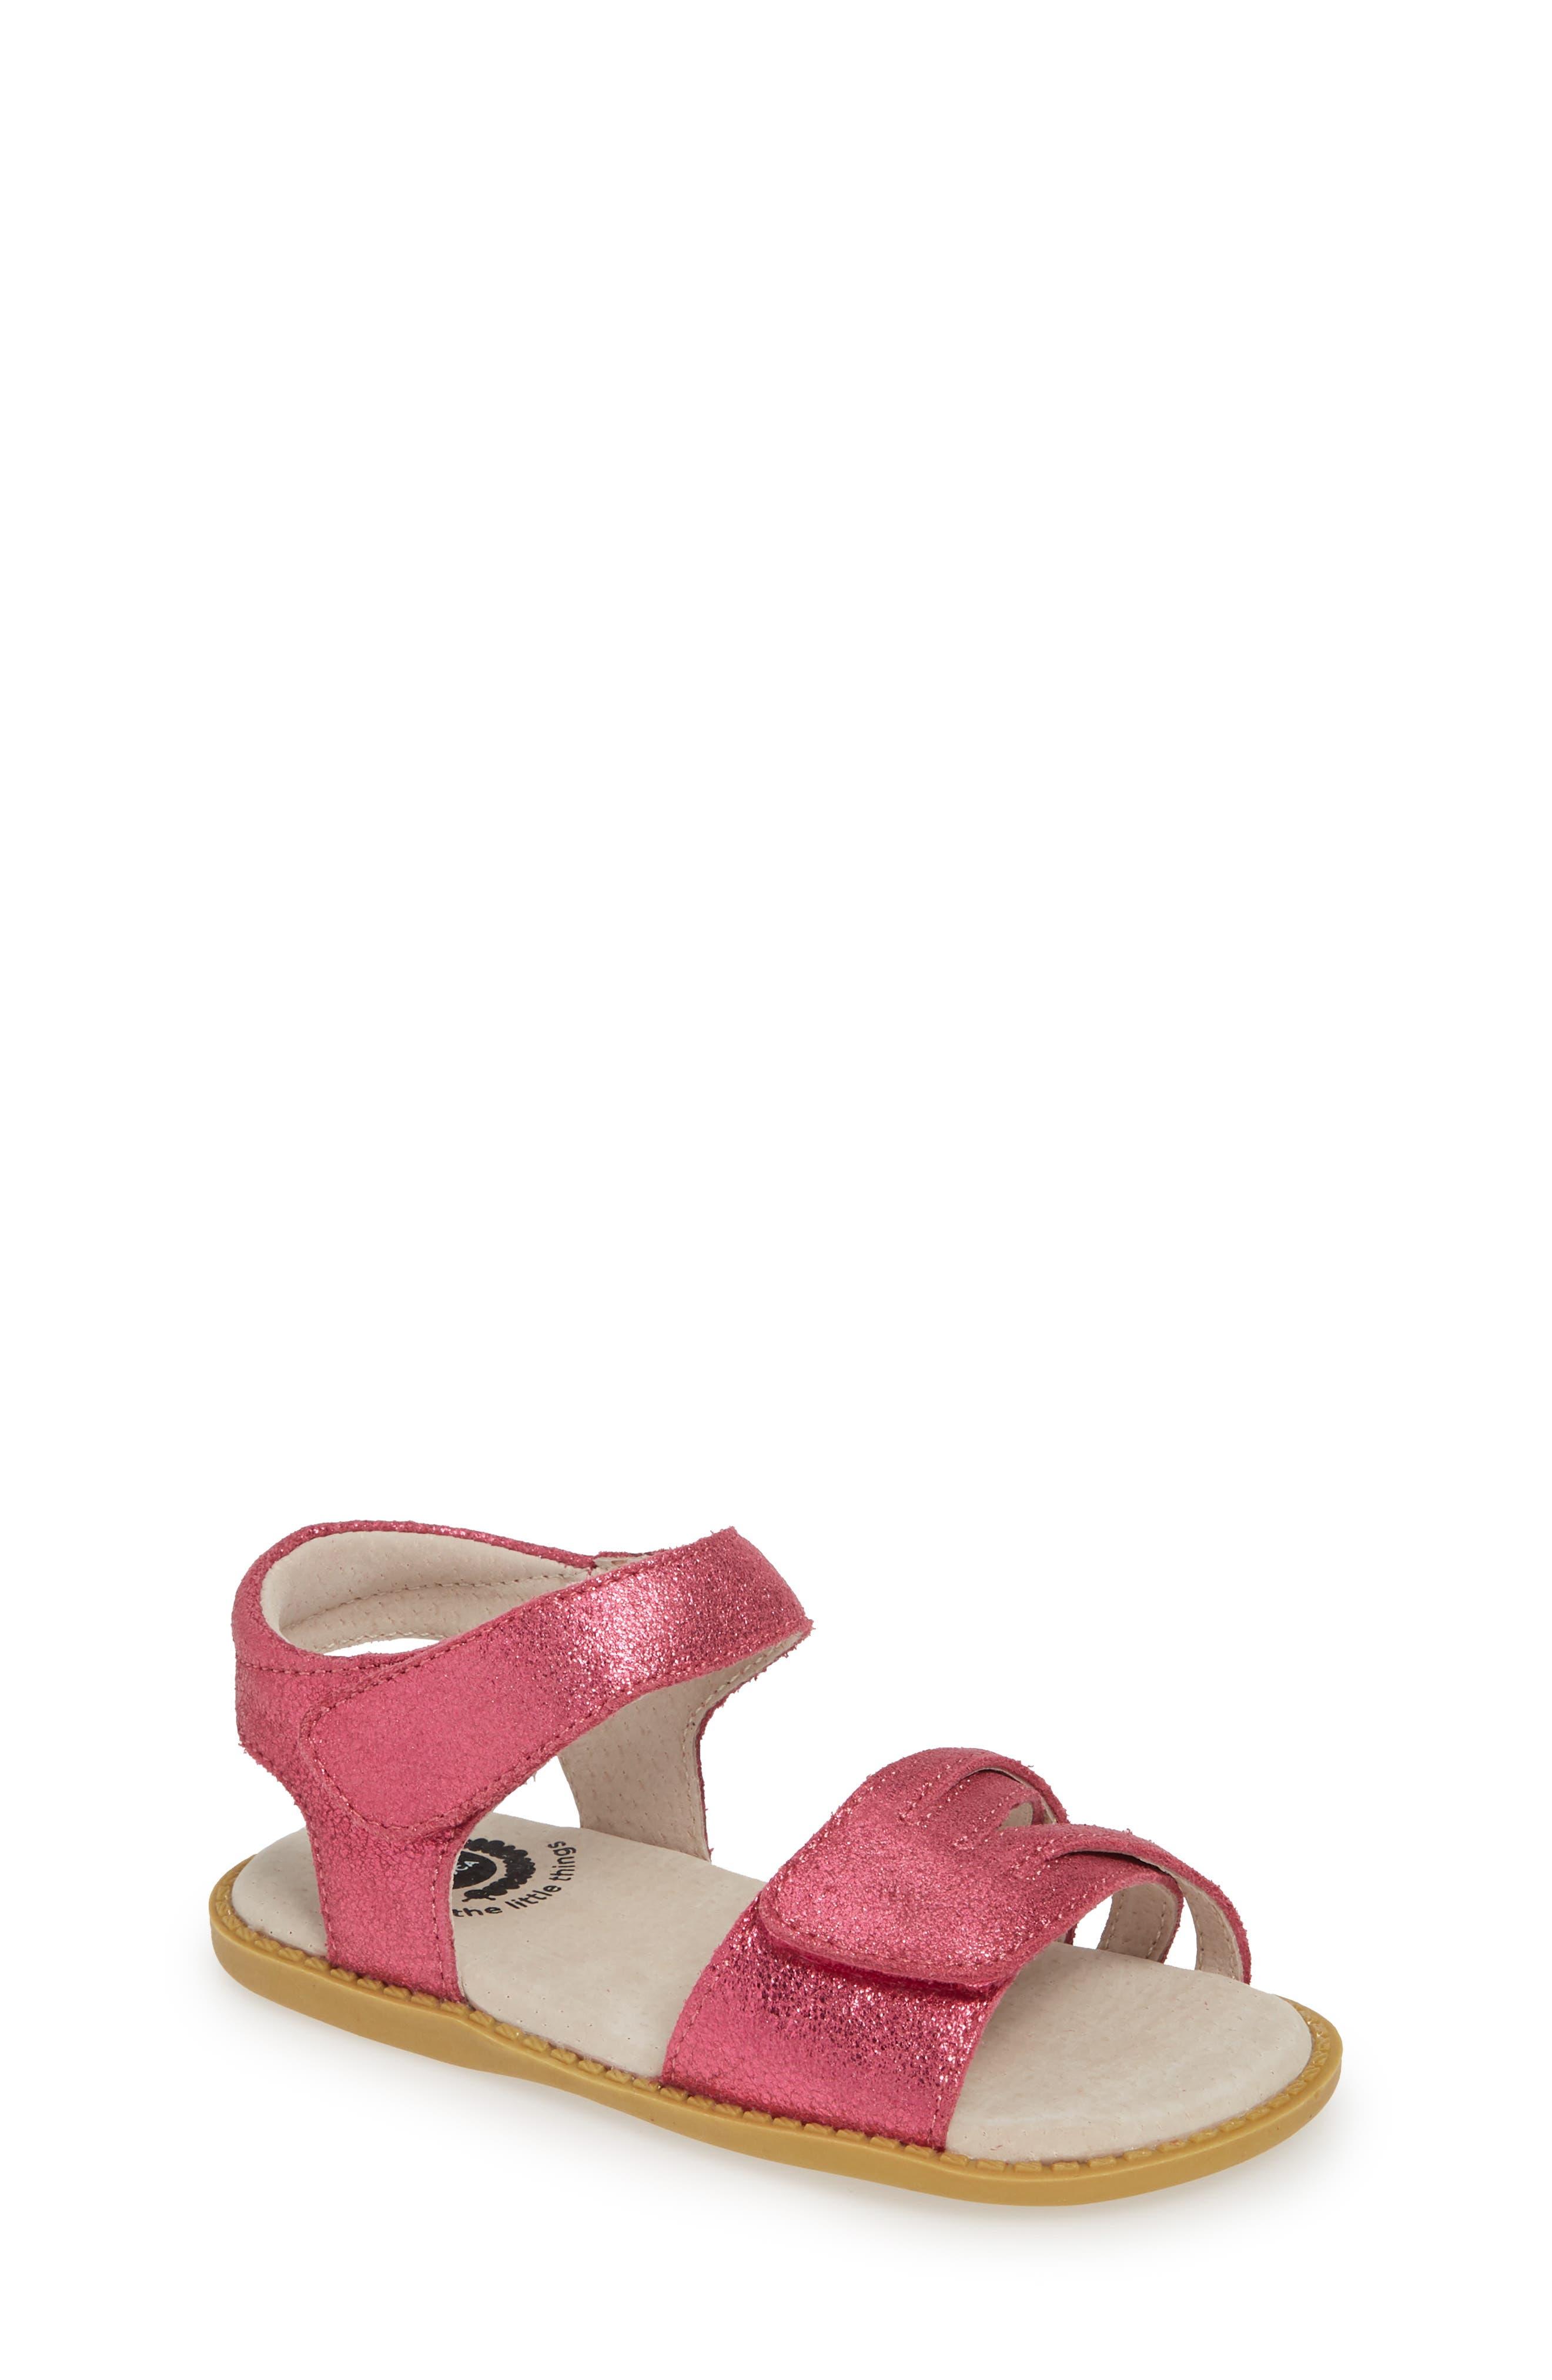 LIVIE & LUCA 'Athena' Sandal, Main, color, MAGENTA SHIMMER